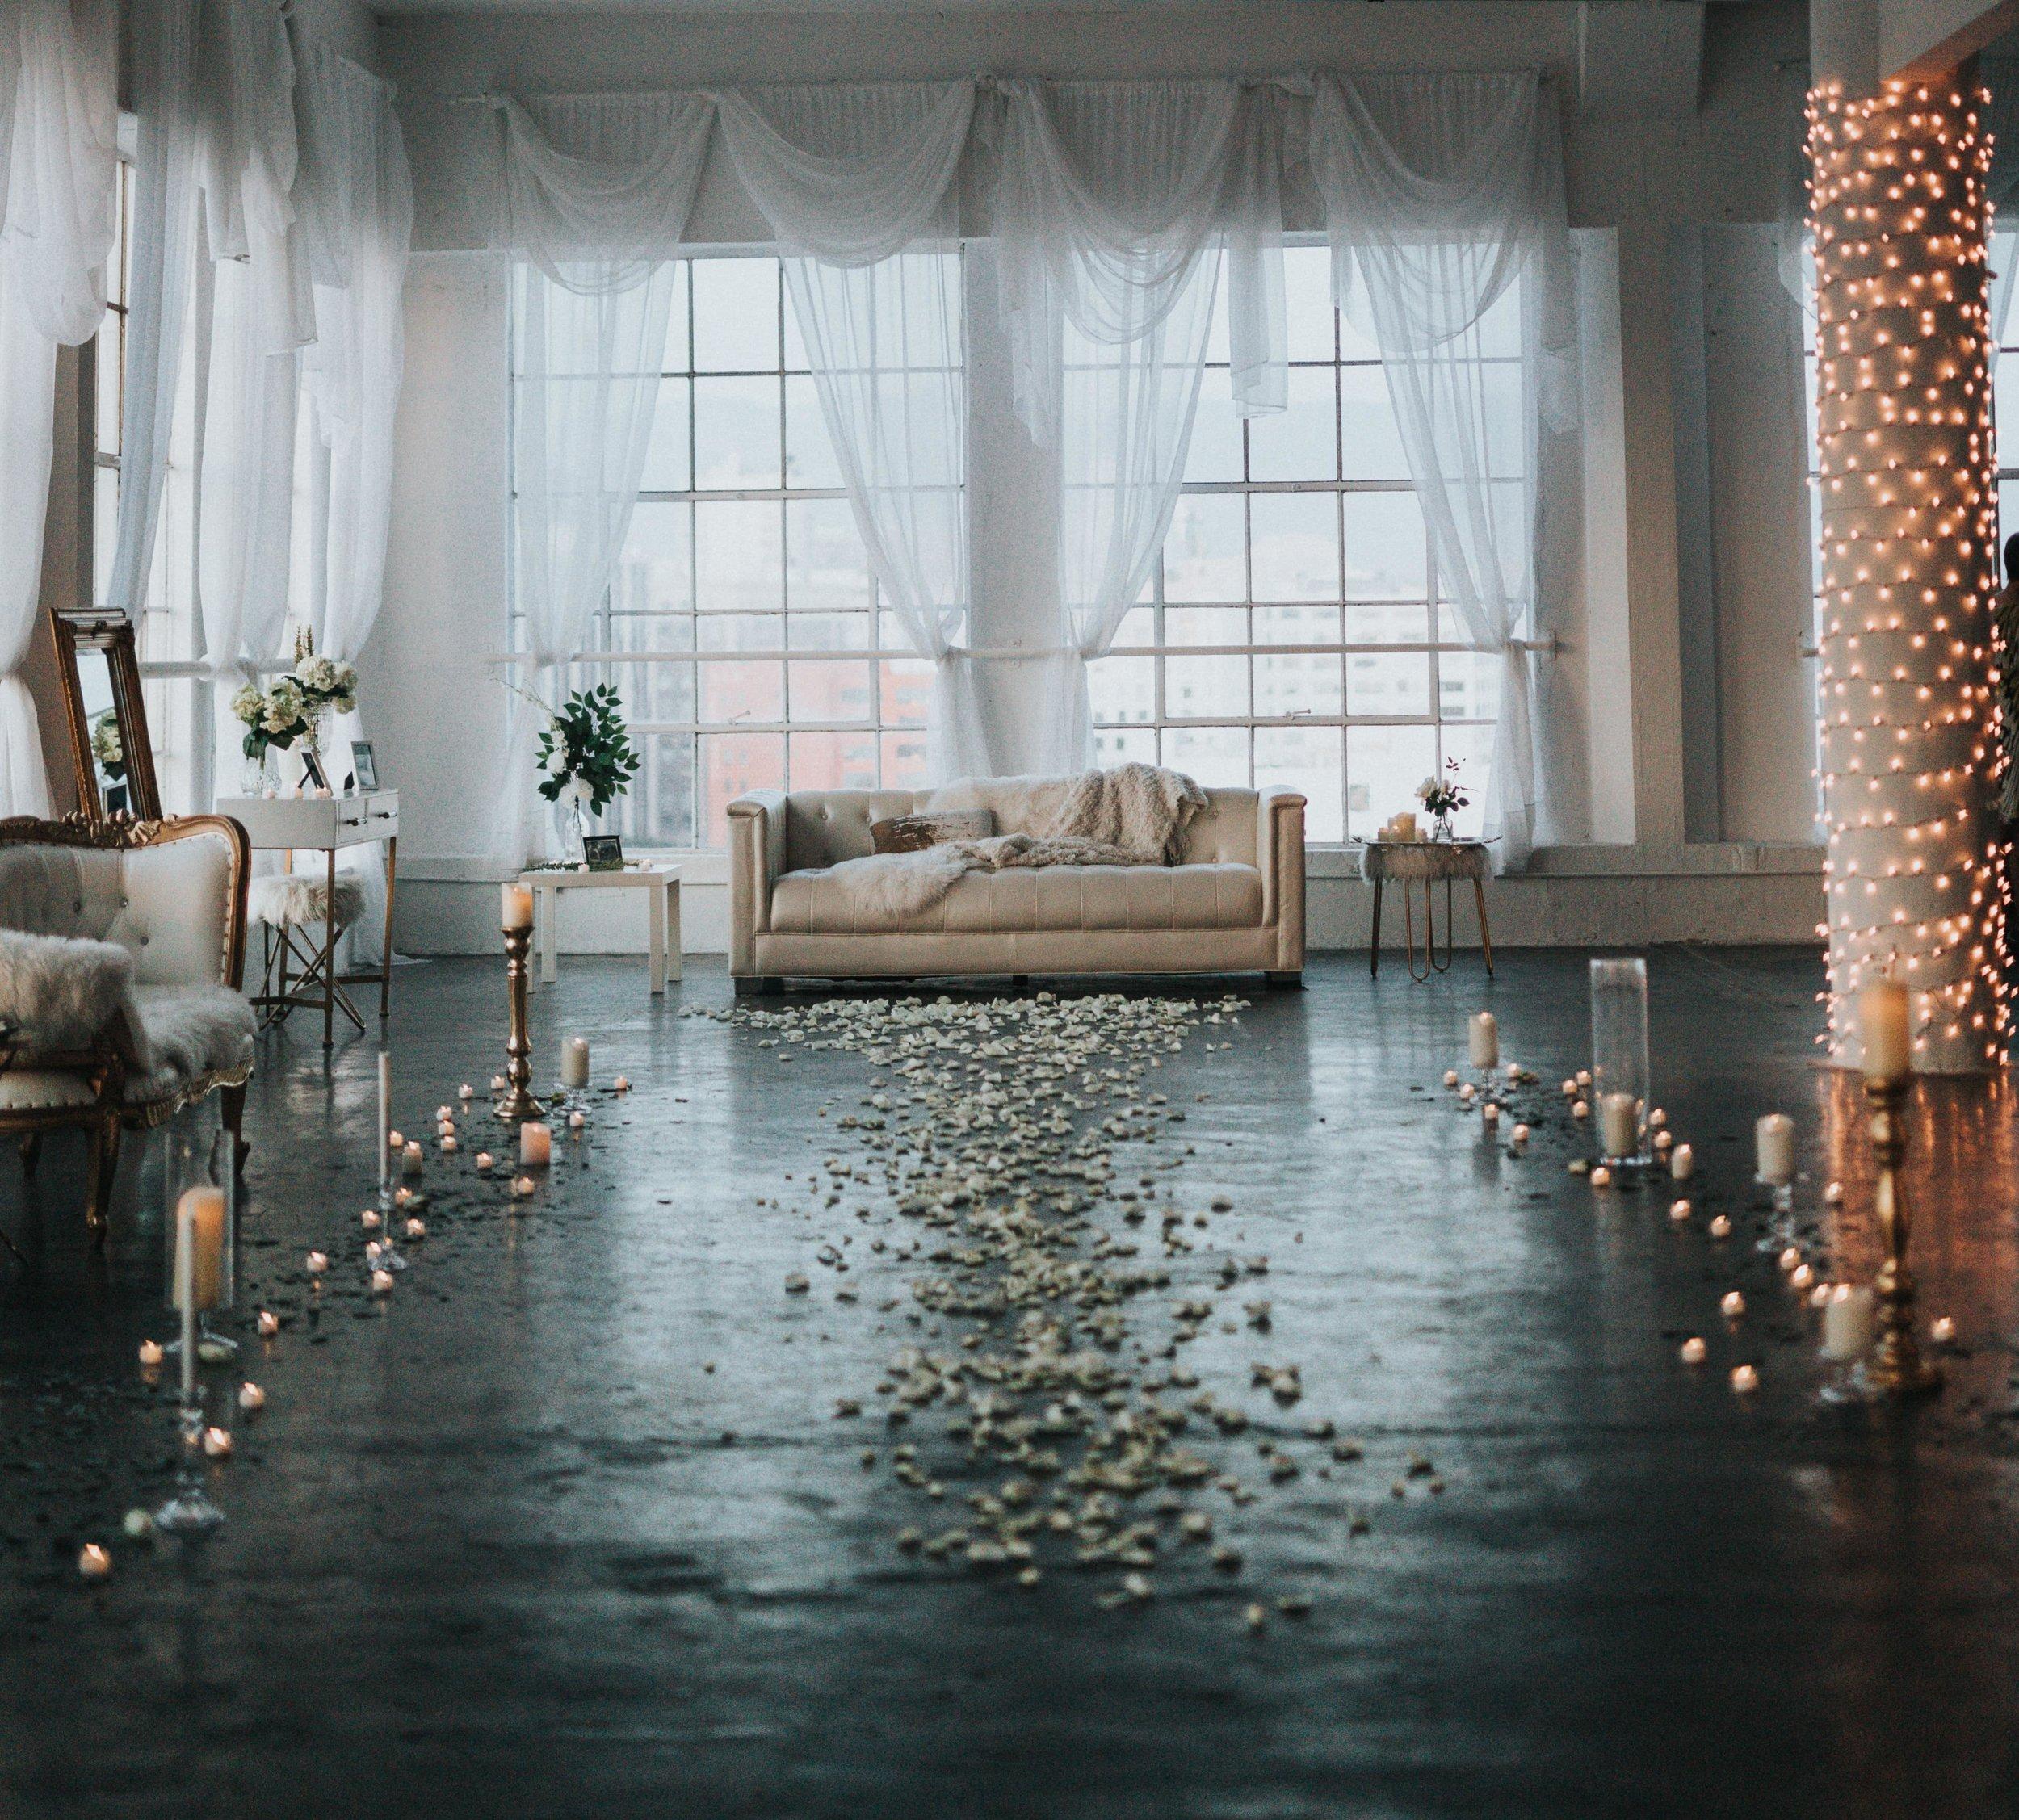 boutique-hotel-wedding-min.jpg